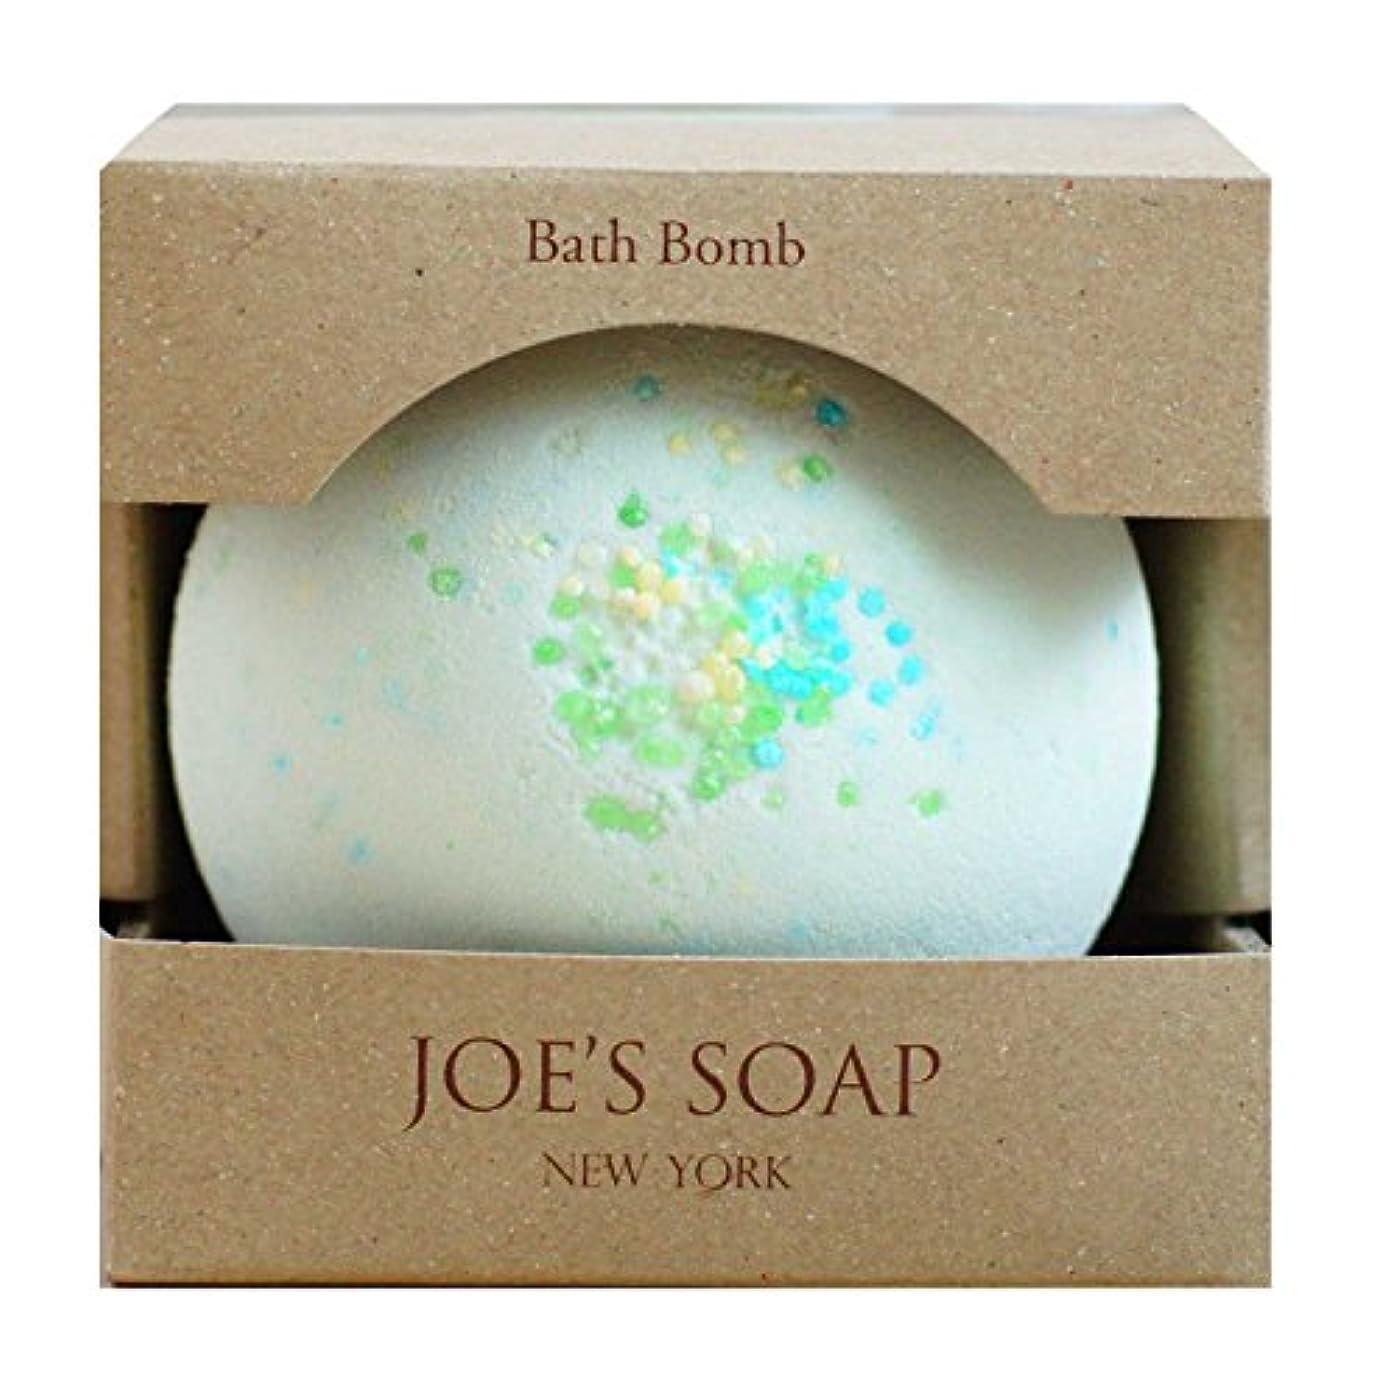 きつく明るくするスチュワーデスJOE'S SOAP ( ジョーズソープ ) バスボム(JASMINE) バスボール 入浴剤 保湿 ボディケア スキンケア オリーブオイル はちみつ フト プレゼント